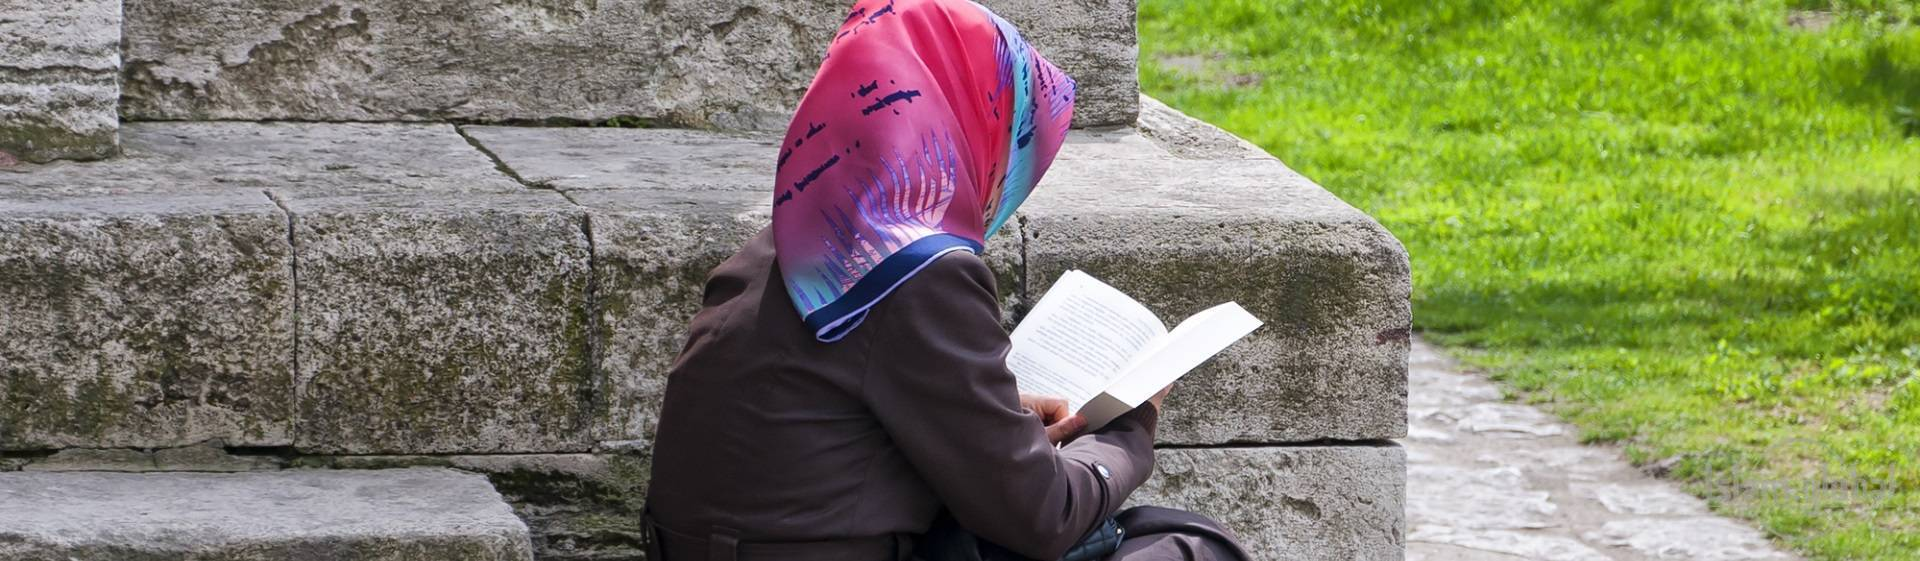 Читаем мусульманские молитвы правильно